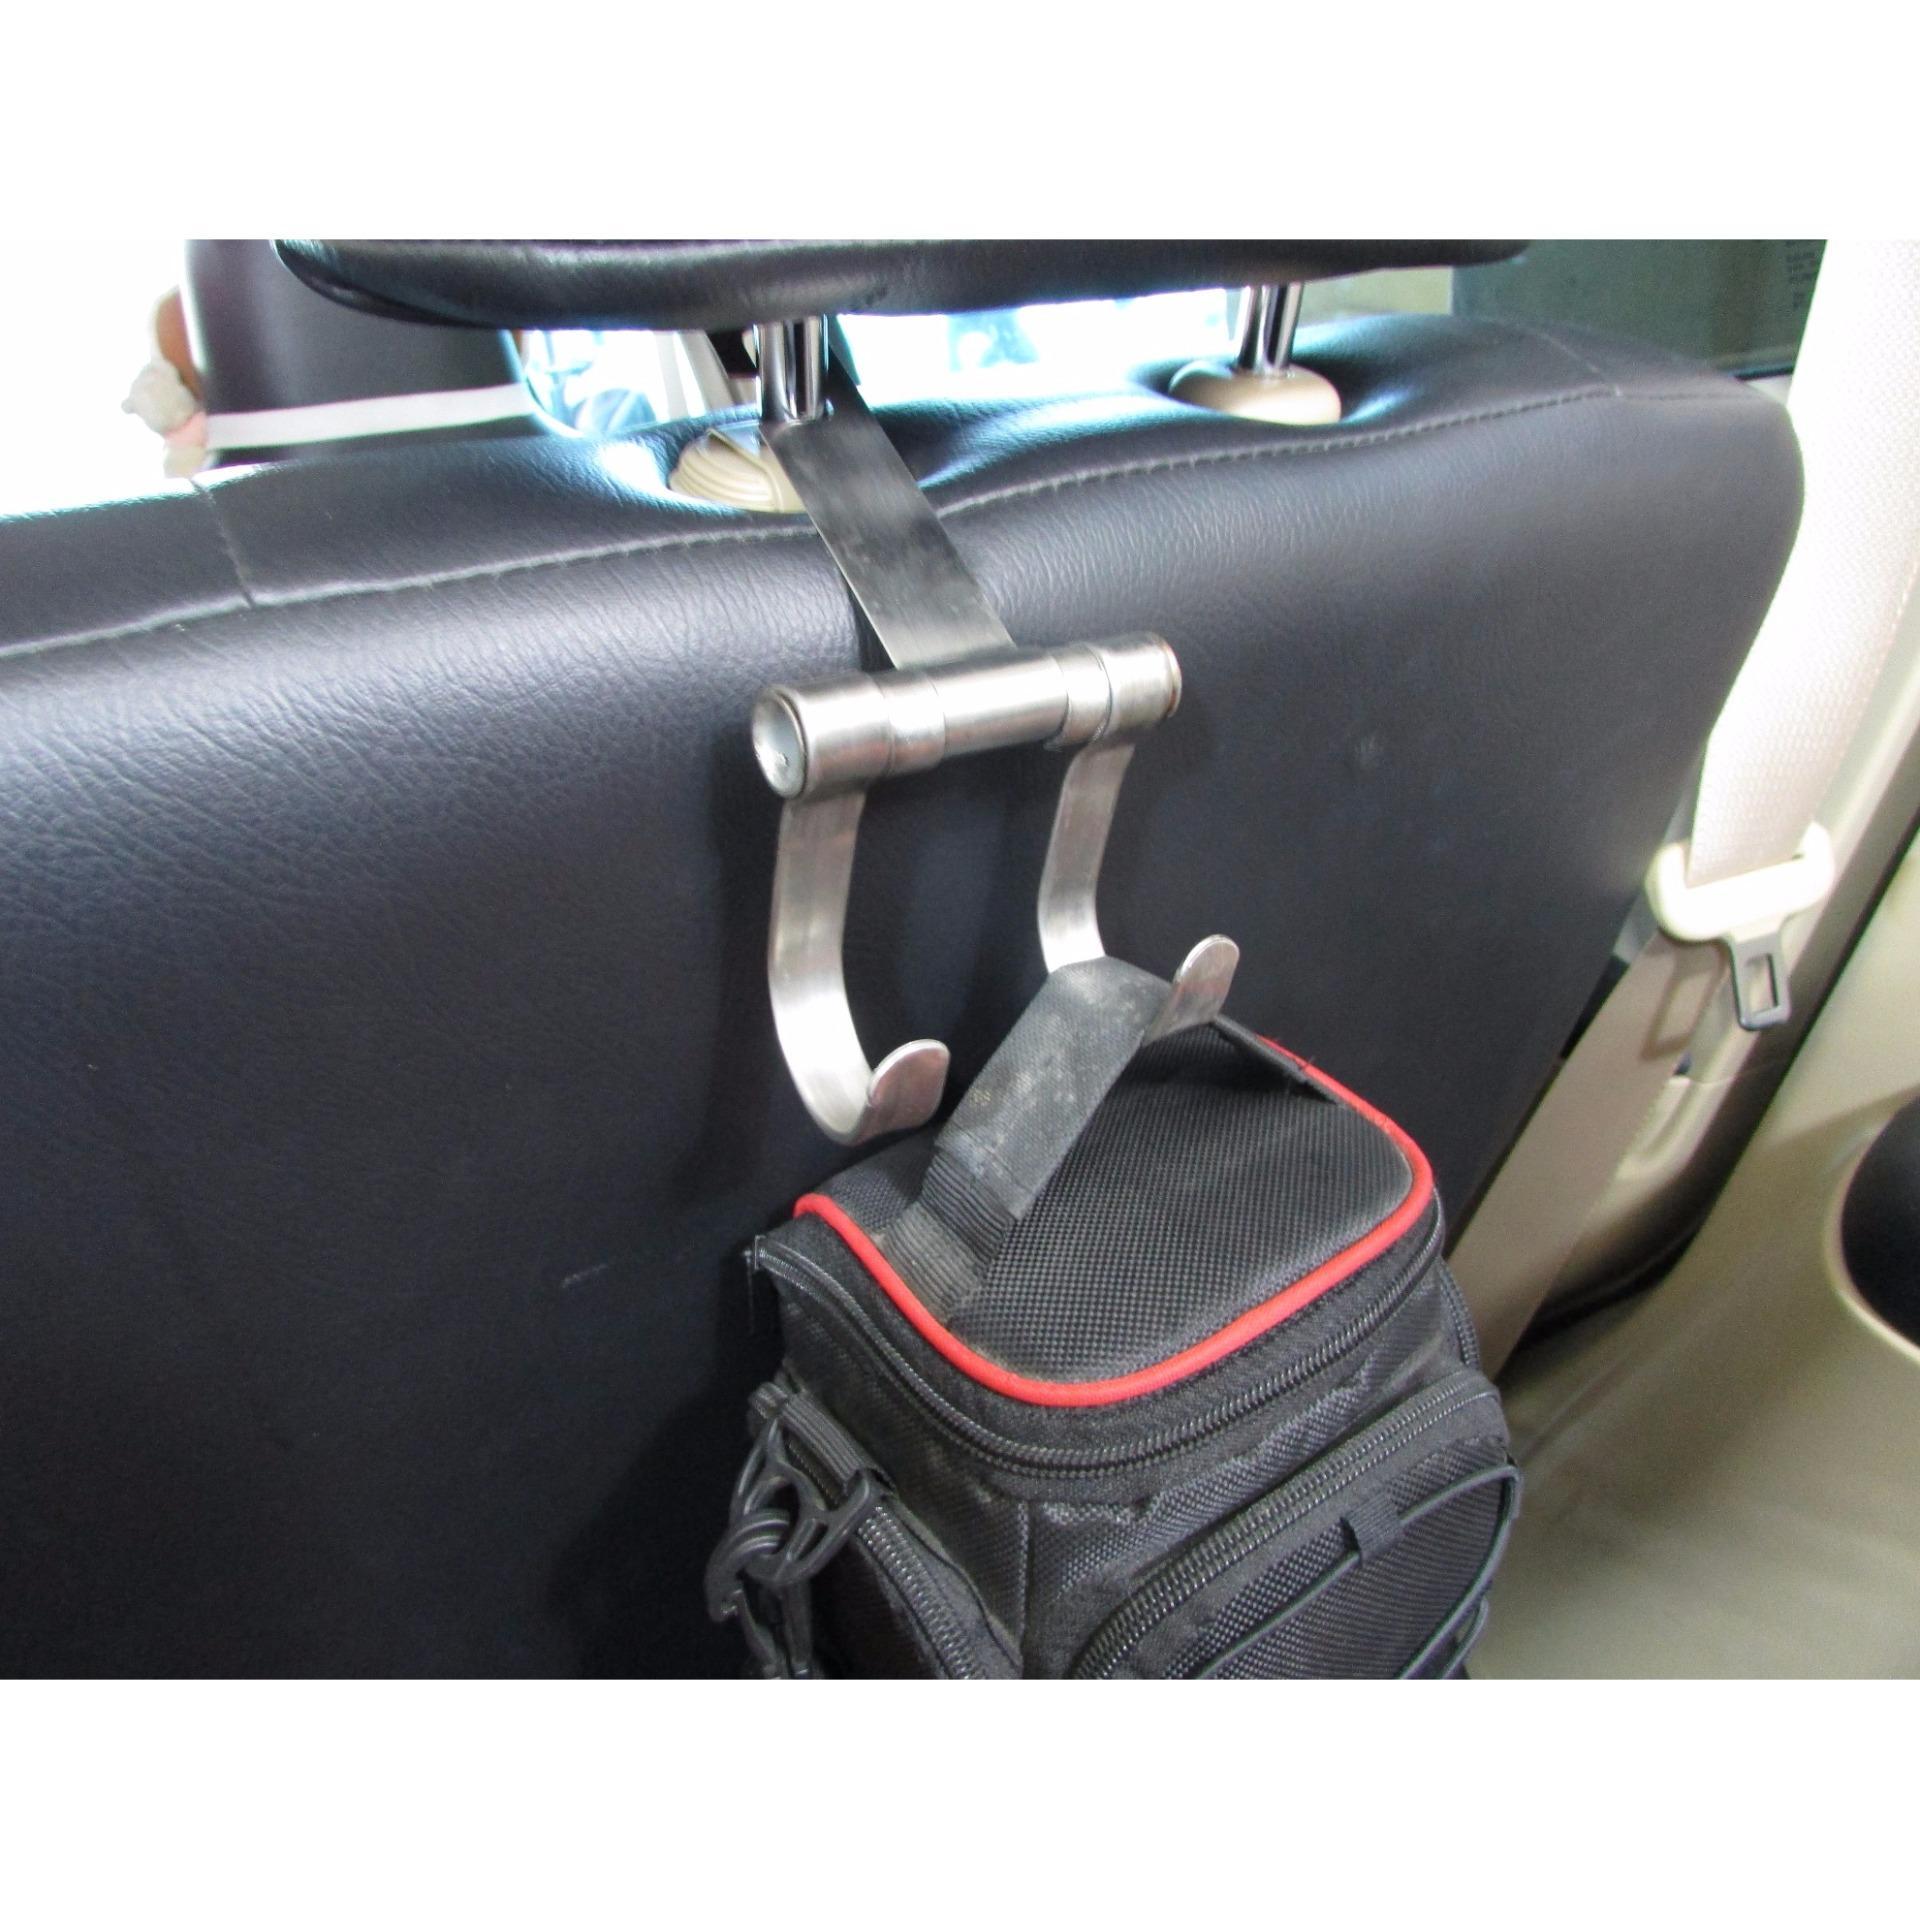 Lanjarjaya New Stainless Steel Car Hanger Aksesoris Gantungan kursijok di Mobil .